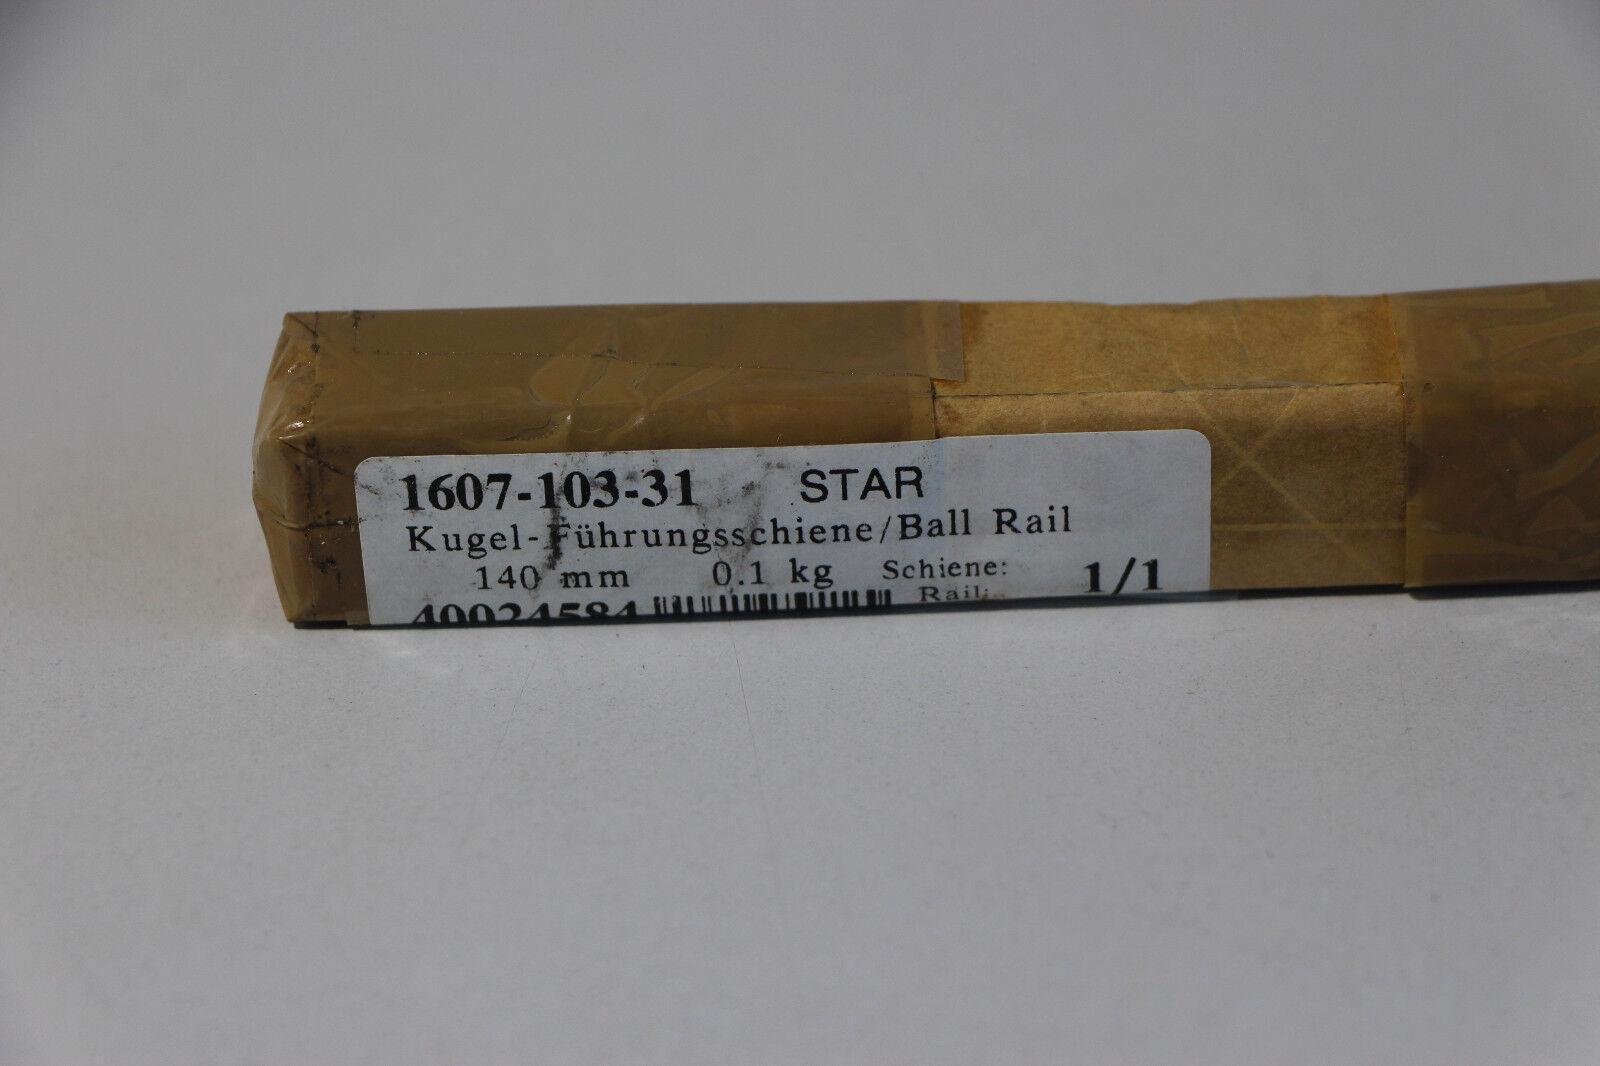 Rexroth Star bala-raíl guía/Ball Rail 1607-104-31, 1607-104-31, 1607-104-31, 140mm (c217) 7725c7